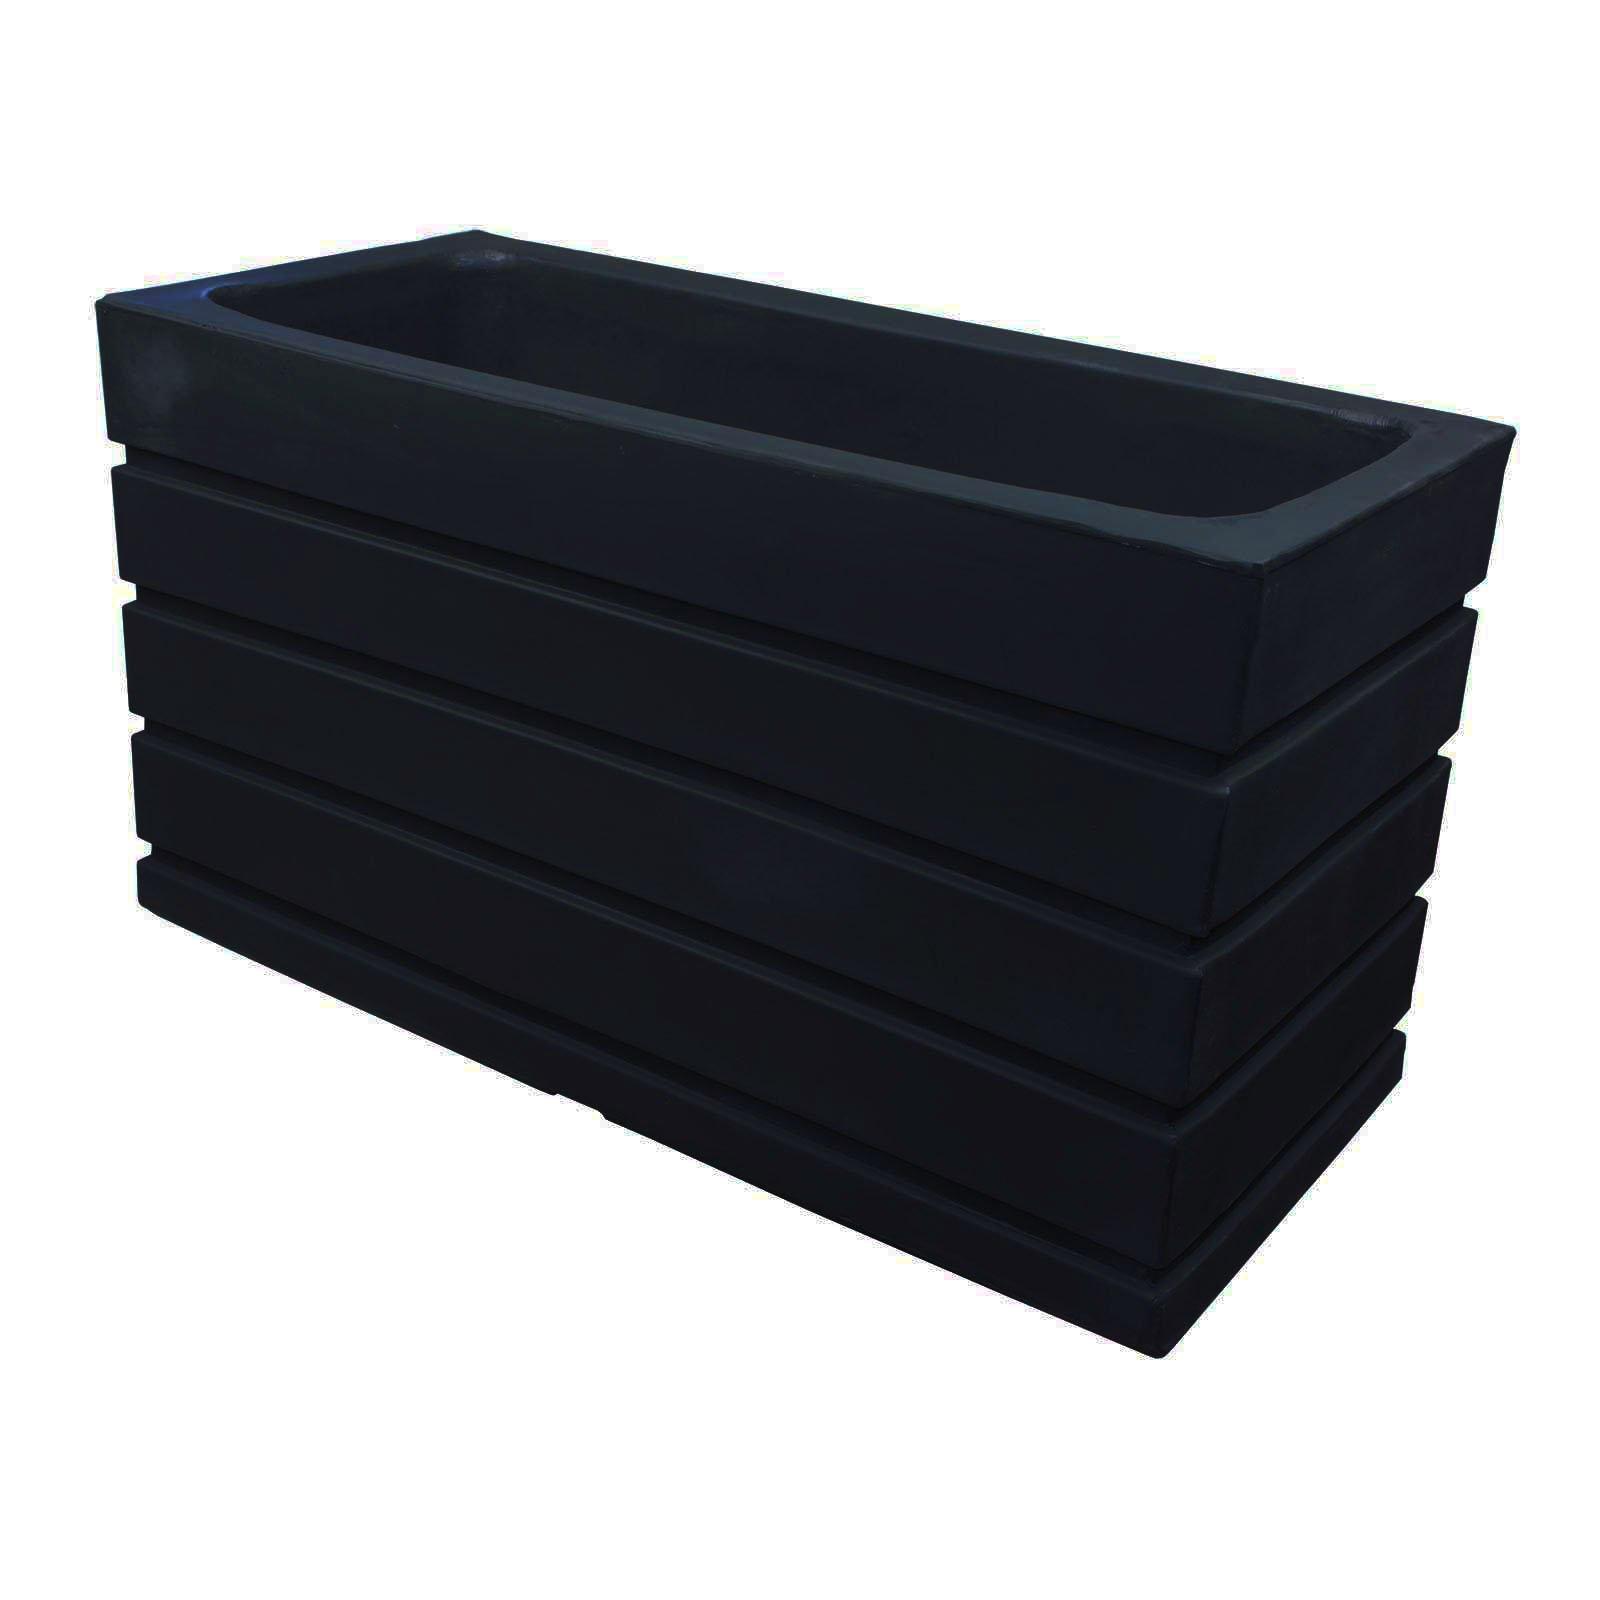 Large Plastic Planter Boxes